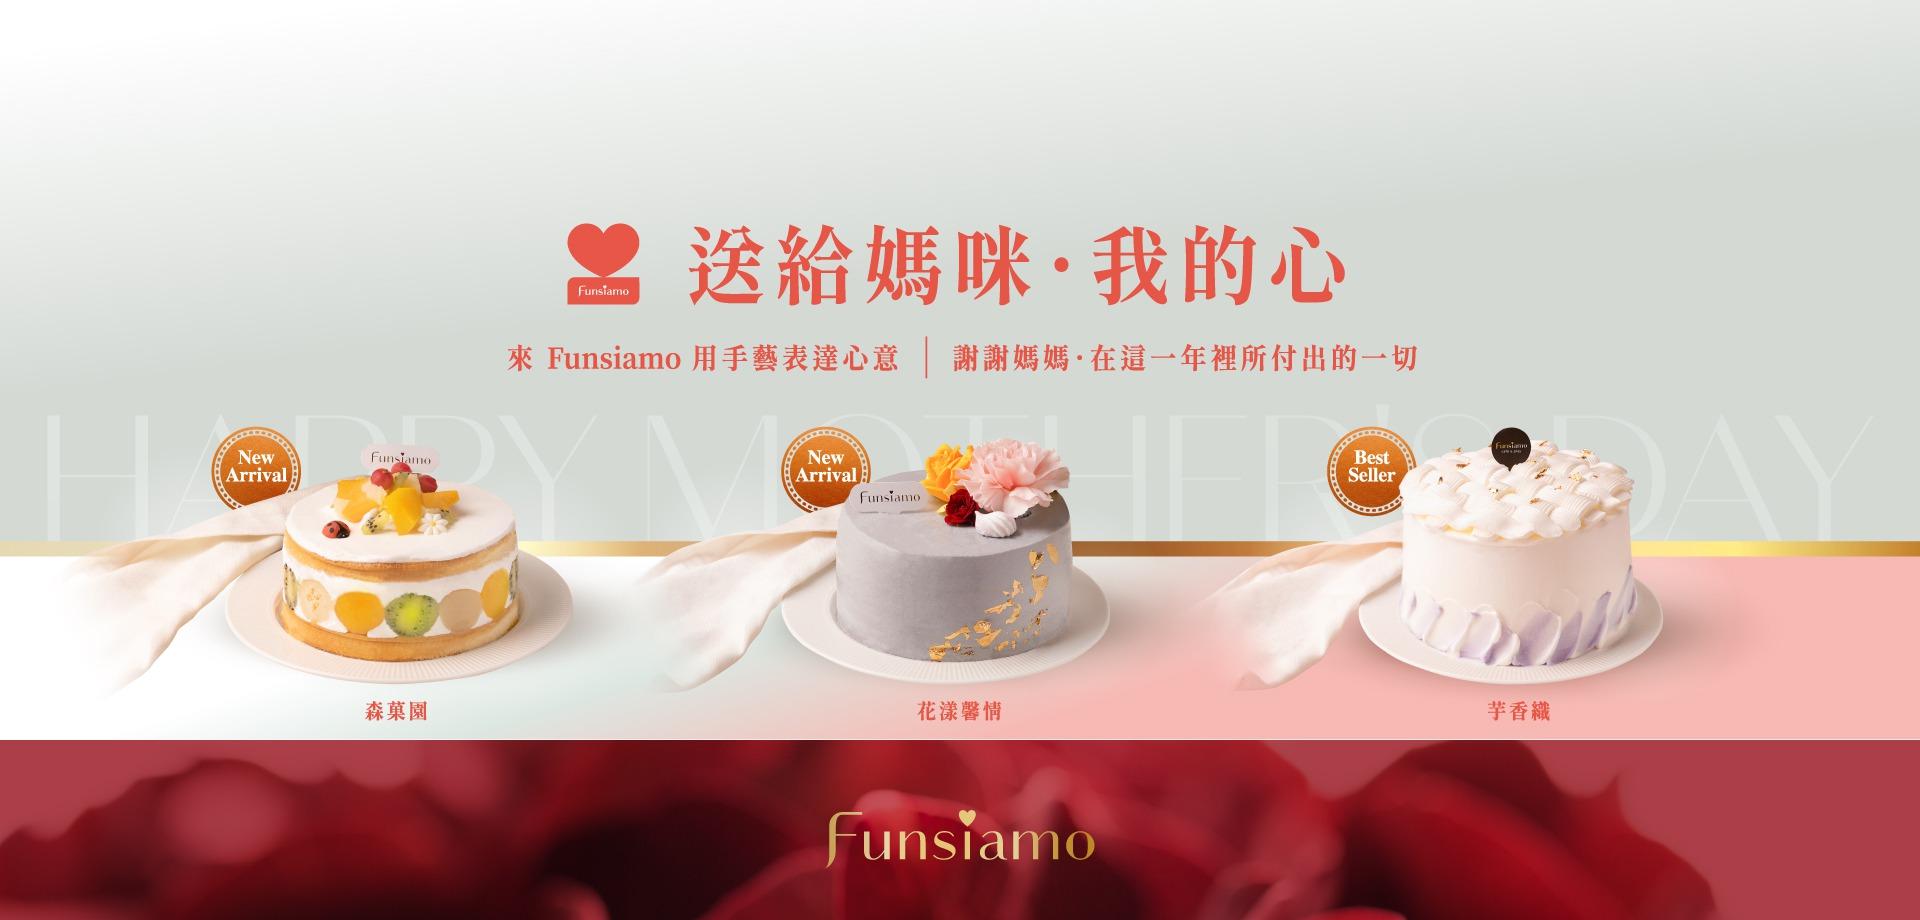 設計師品牌 - Funsiamo